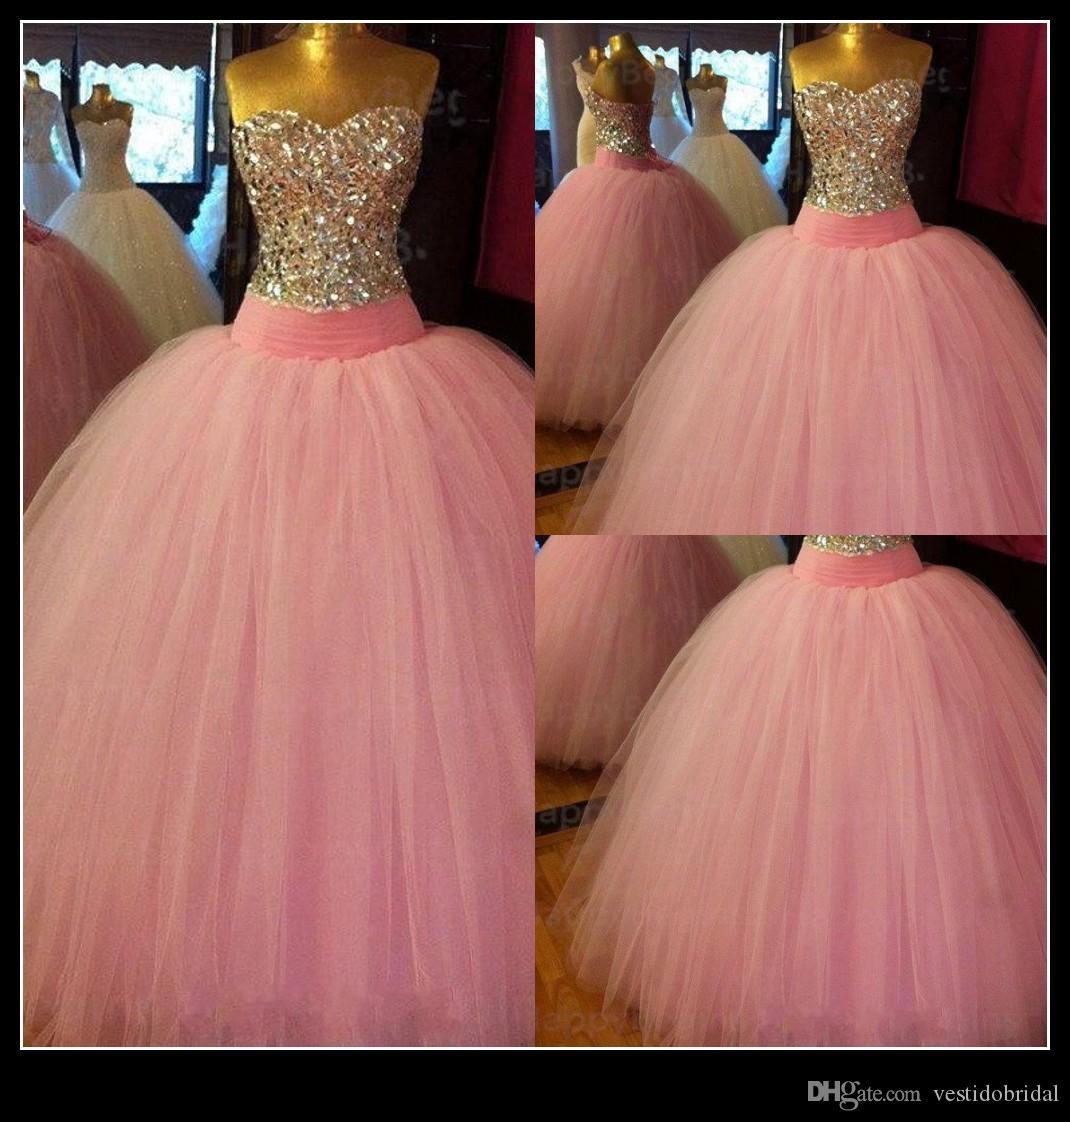 Hermosa Vestido De Fiesta Bling Imagen - Colección de Vestidos de ...